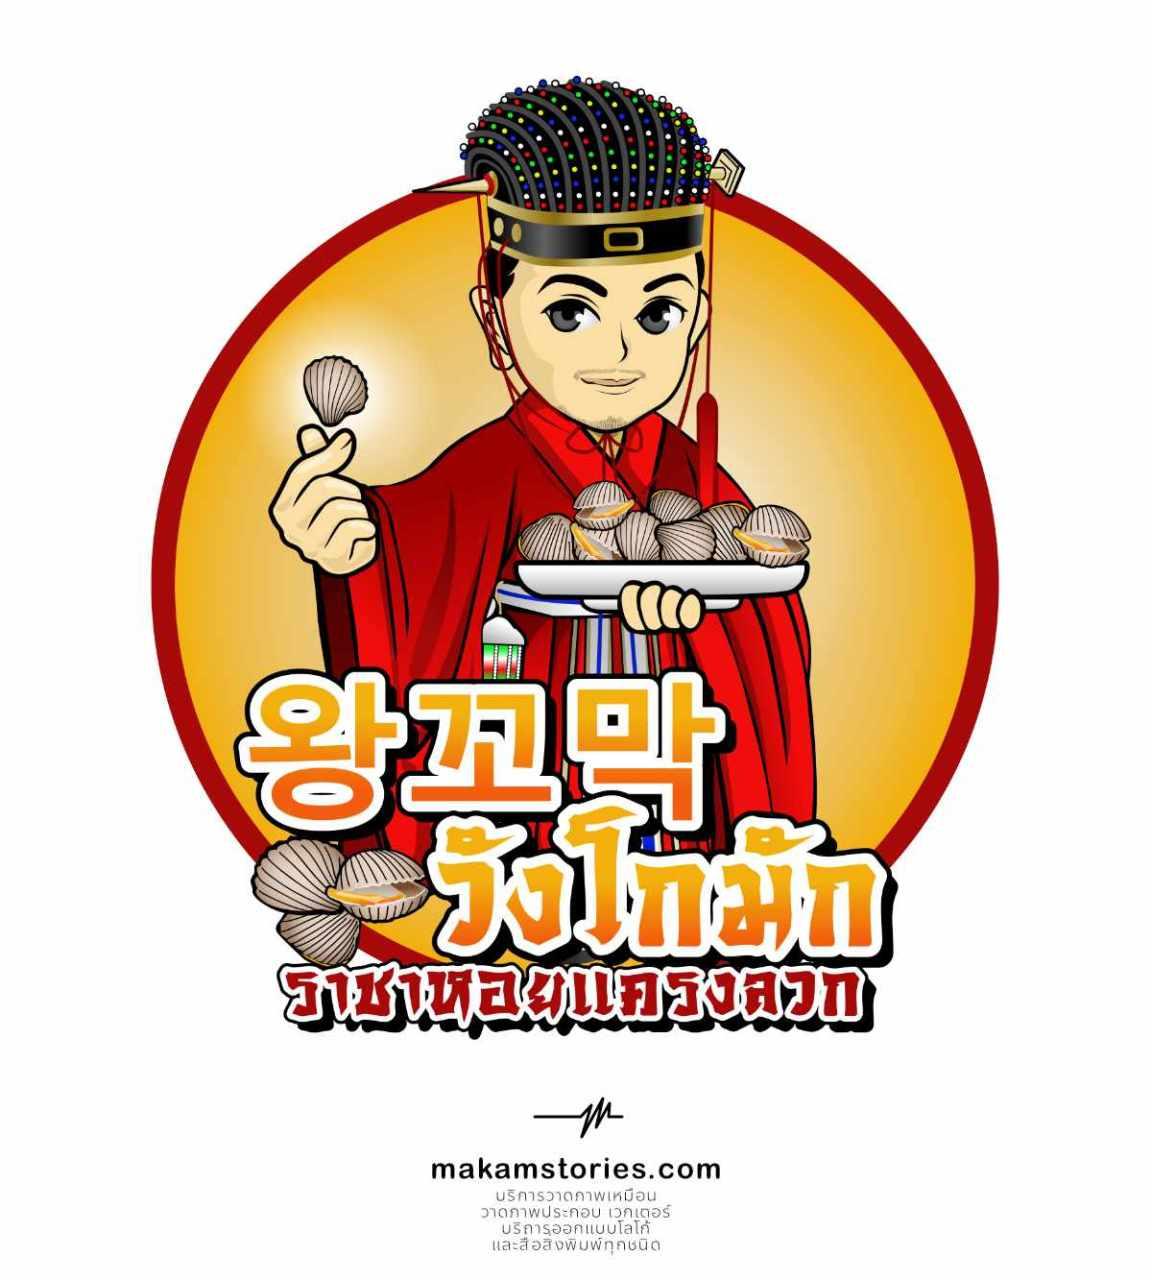 ออกแบบโลโก้การ์ตูน โลโก้ร้านค้าสไตล์เกาหลี